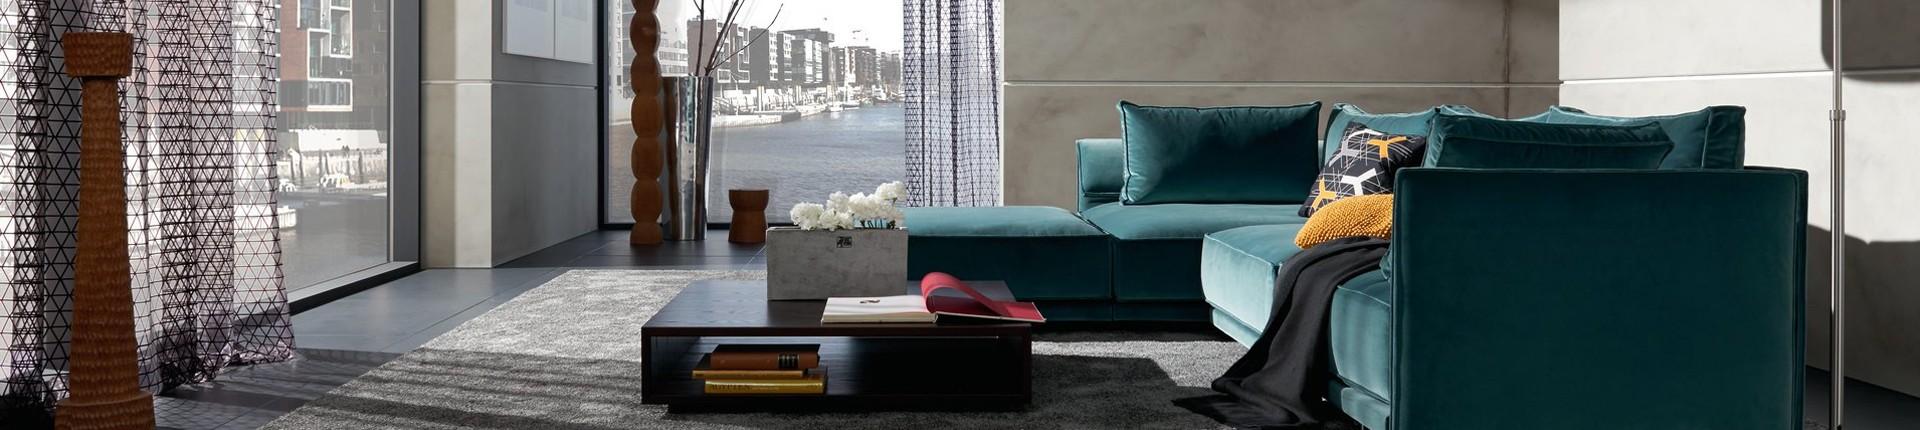 Raumausstattung im Wohnzimmer, blaues großes Eck-Sofa.